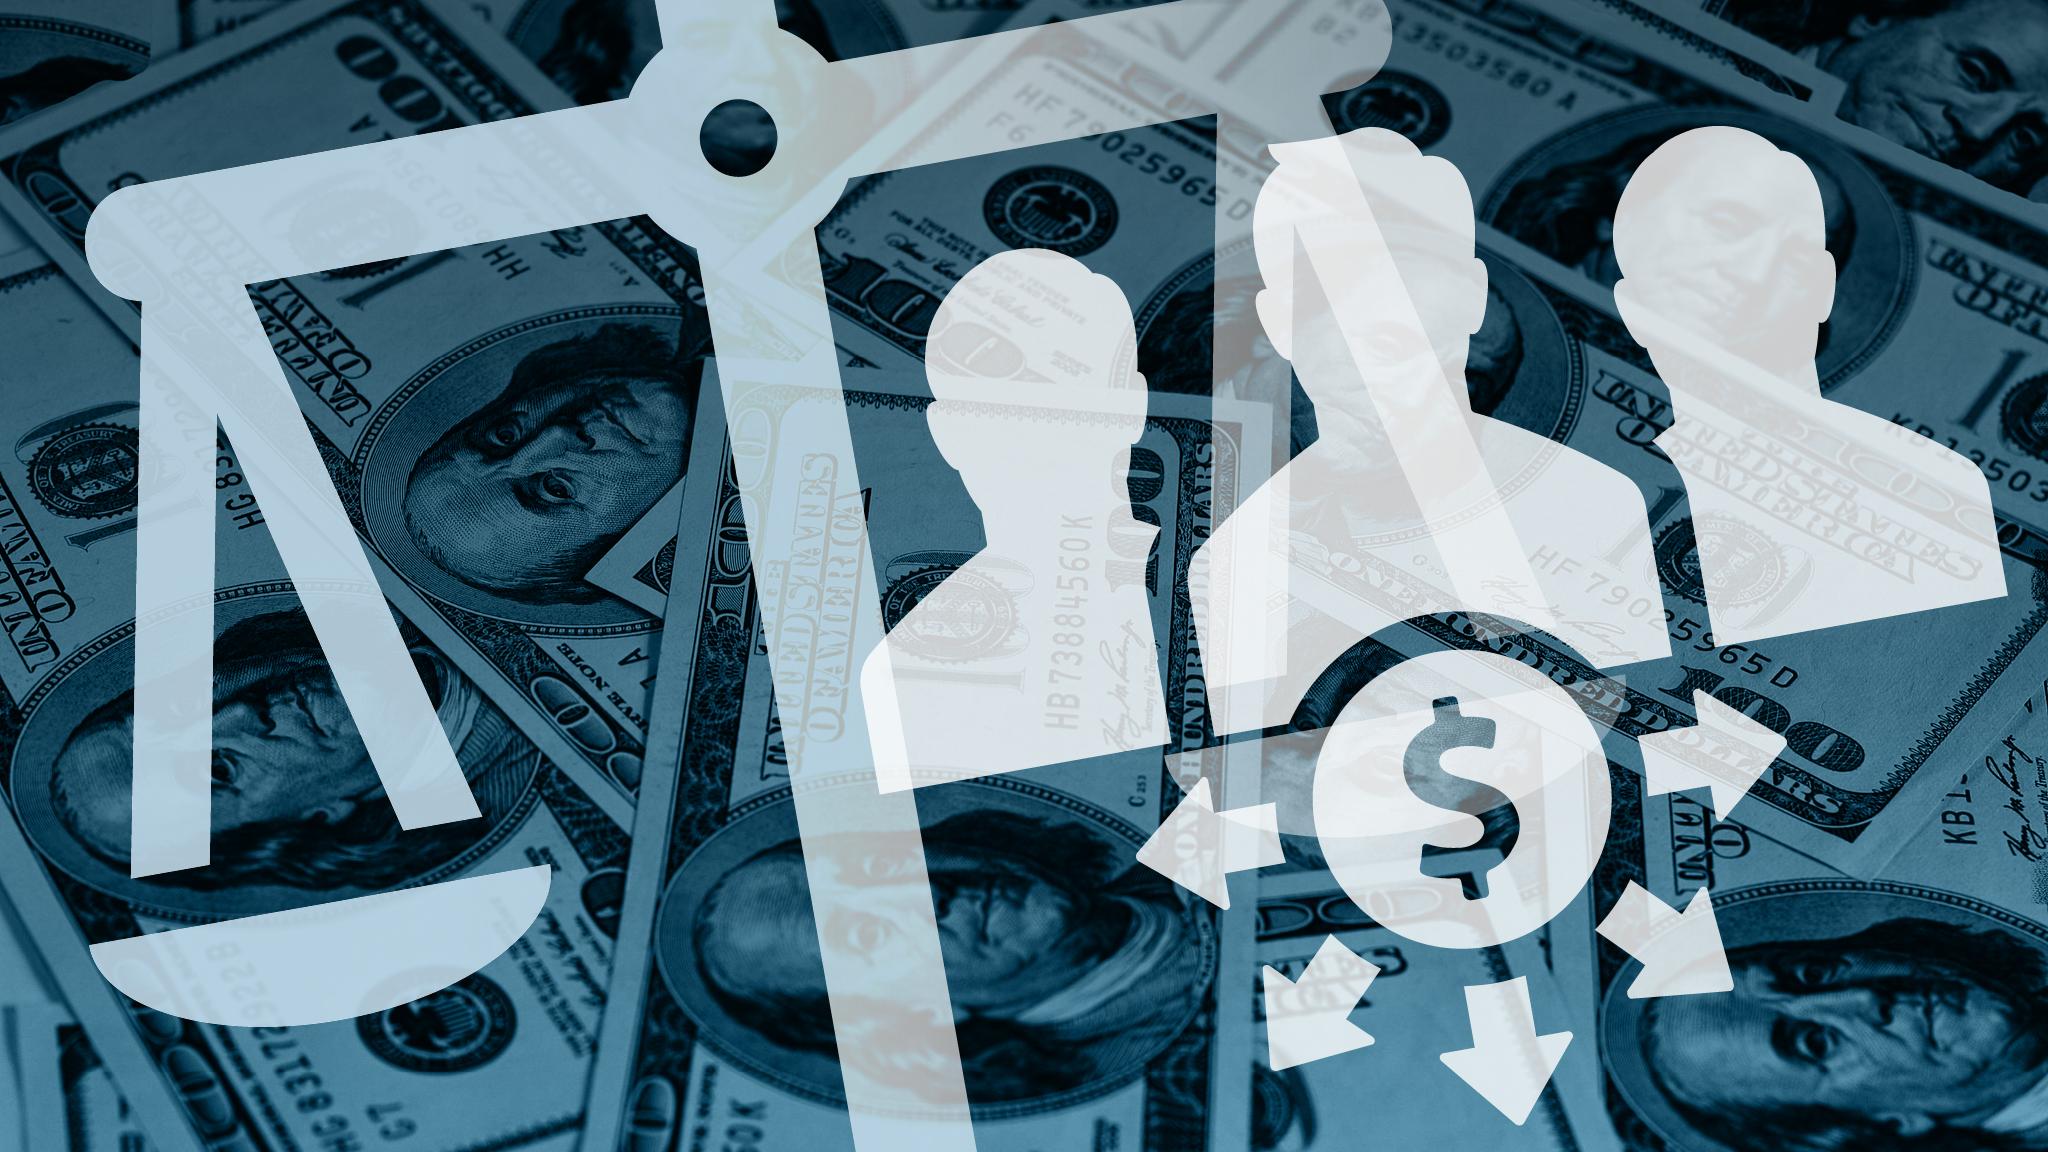 訴訟金融業界は個人投資家に門戸を開いています|  フィナンシャルタイムズ